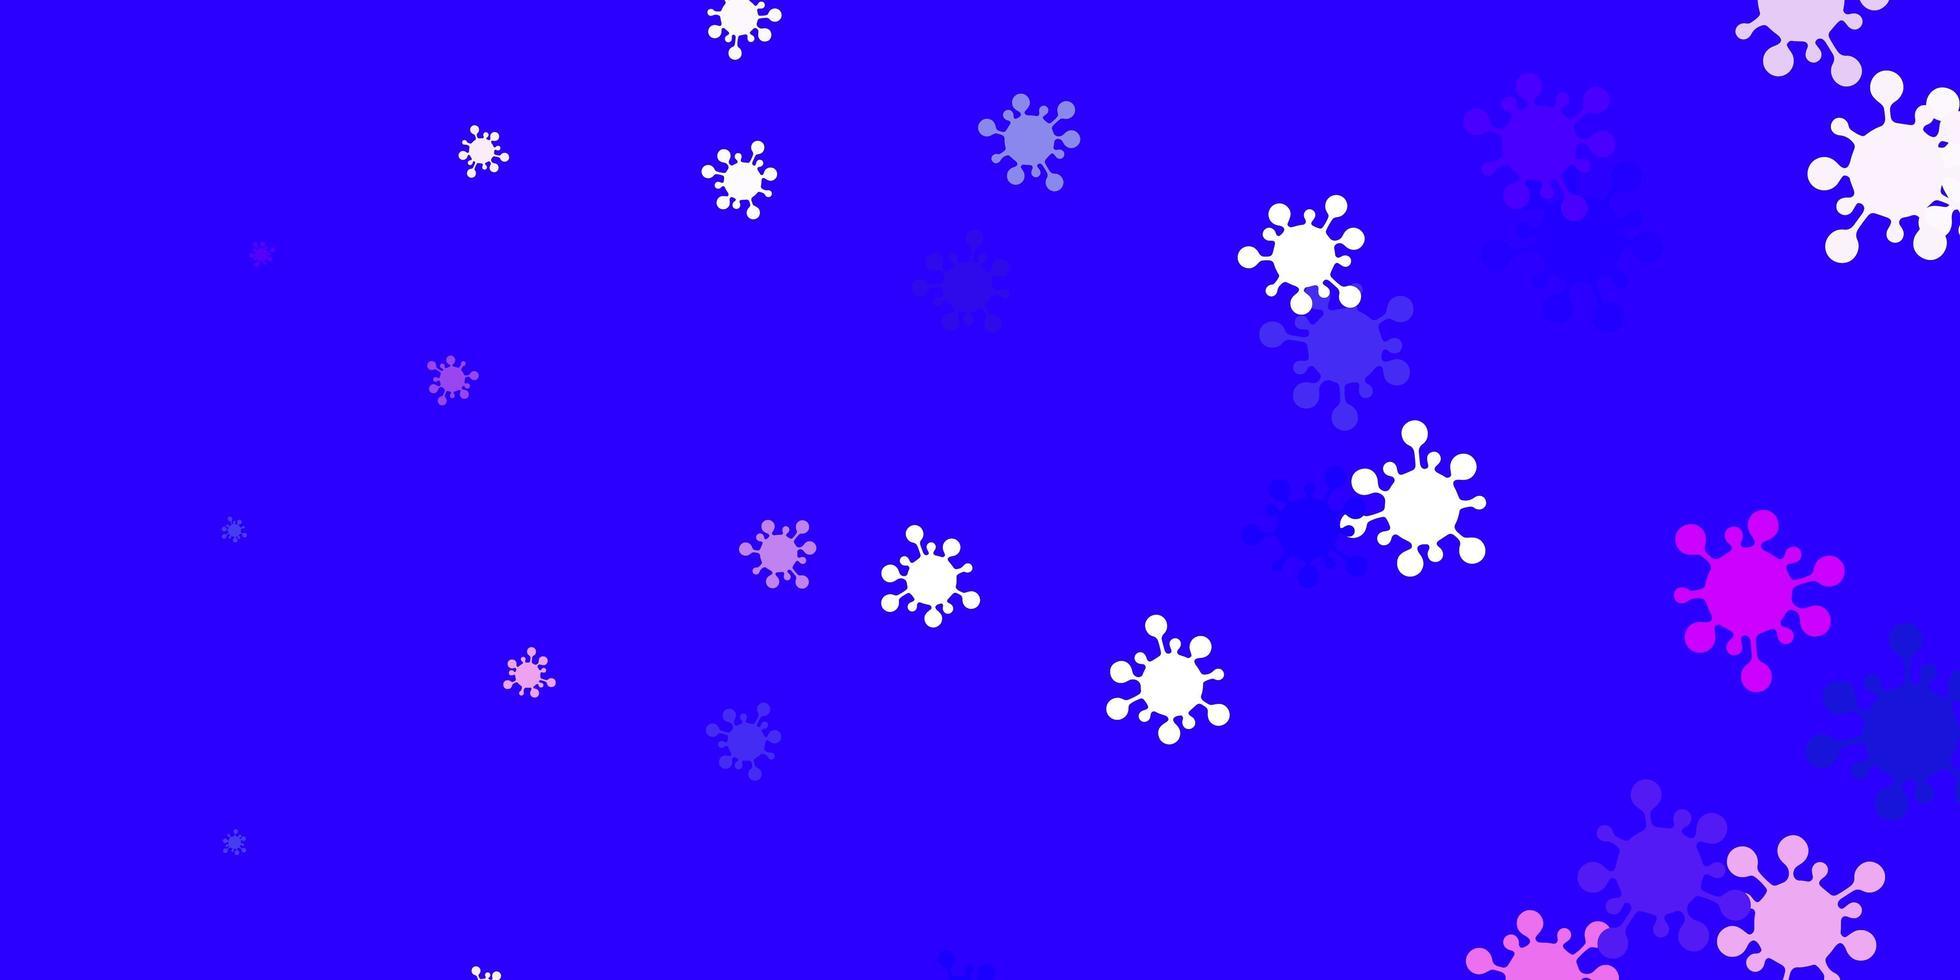 fundo azul com símbolos covid-19. vetor